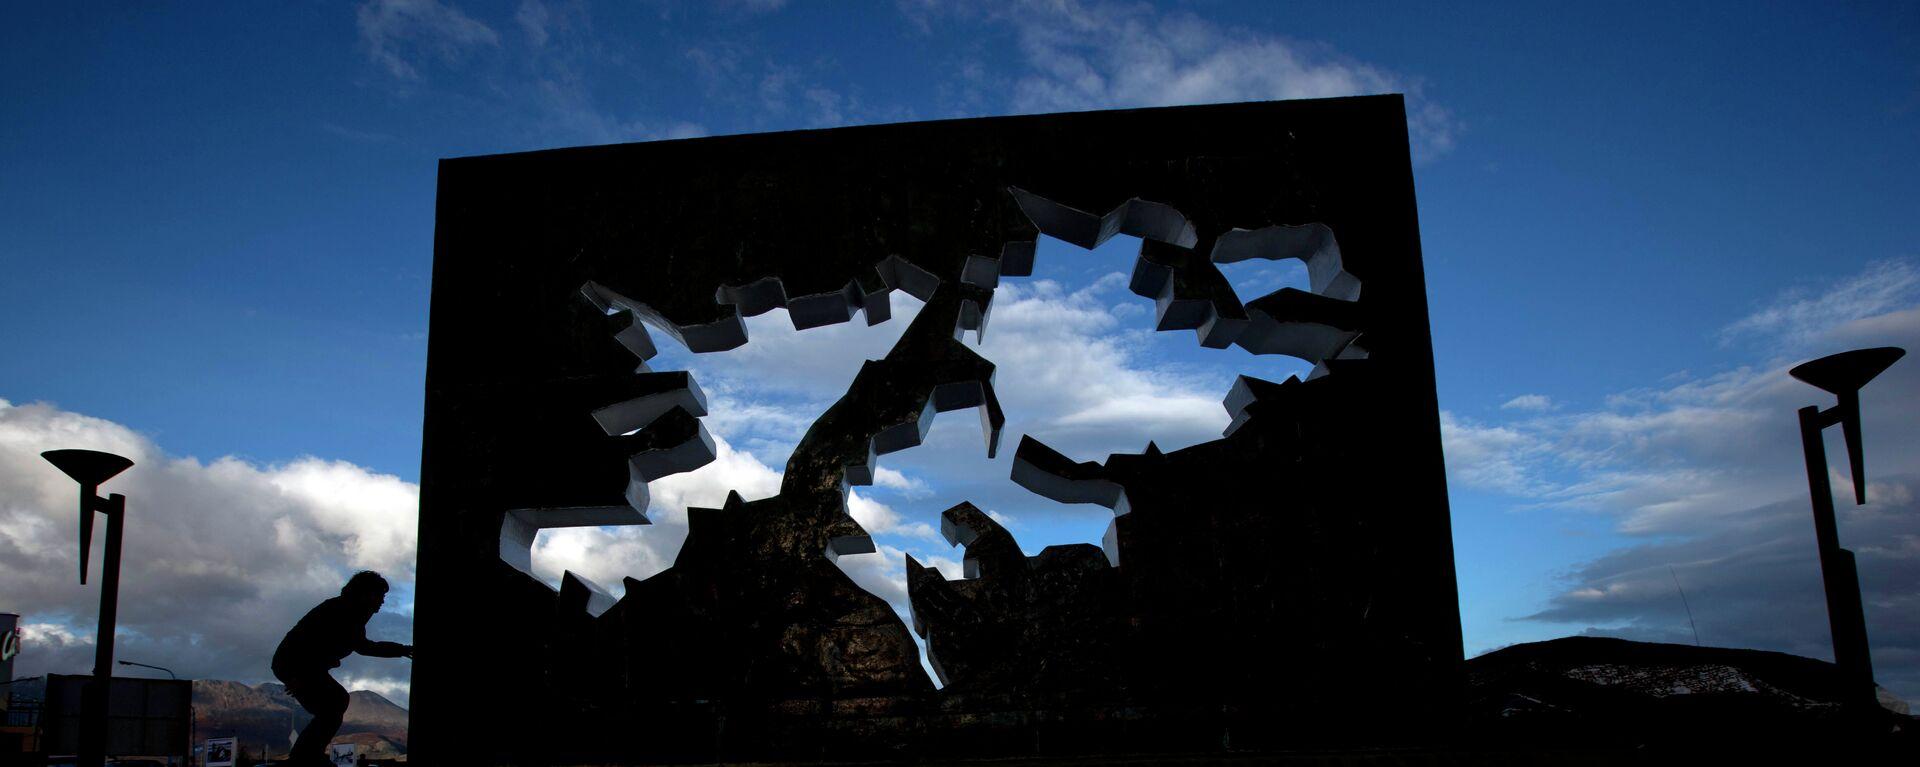 El memorial de guerra de las Malvinas en Ushuaia, Argentina - Sputnik Mundo, 1920, 10.06.2021